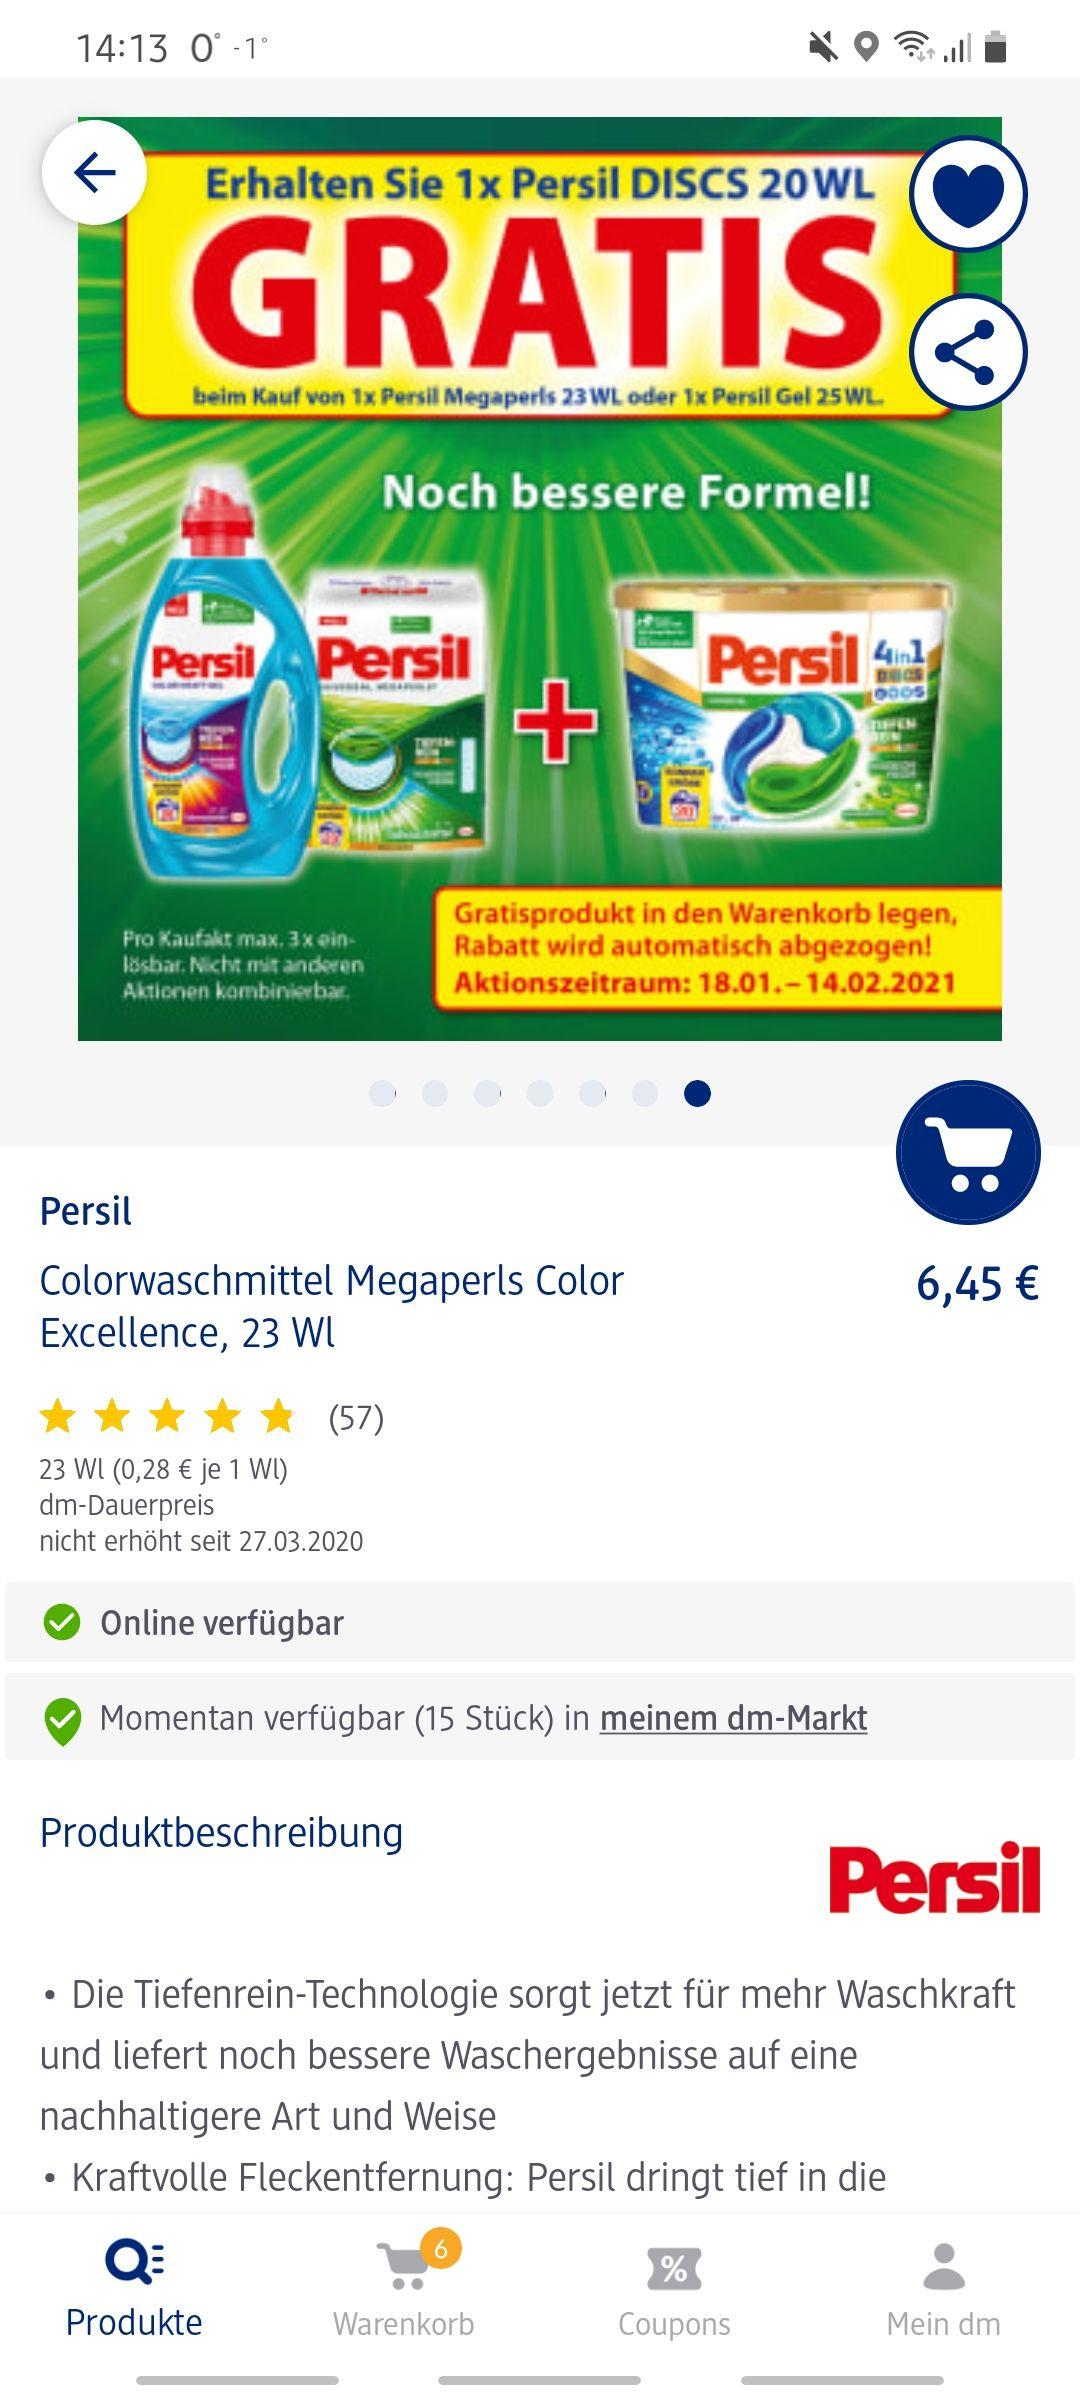 Gratis Persil Discs 20 Waschladung im Wert von 5.95€ beim Kauf von Persil Megapearls